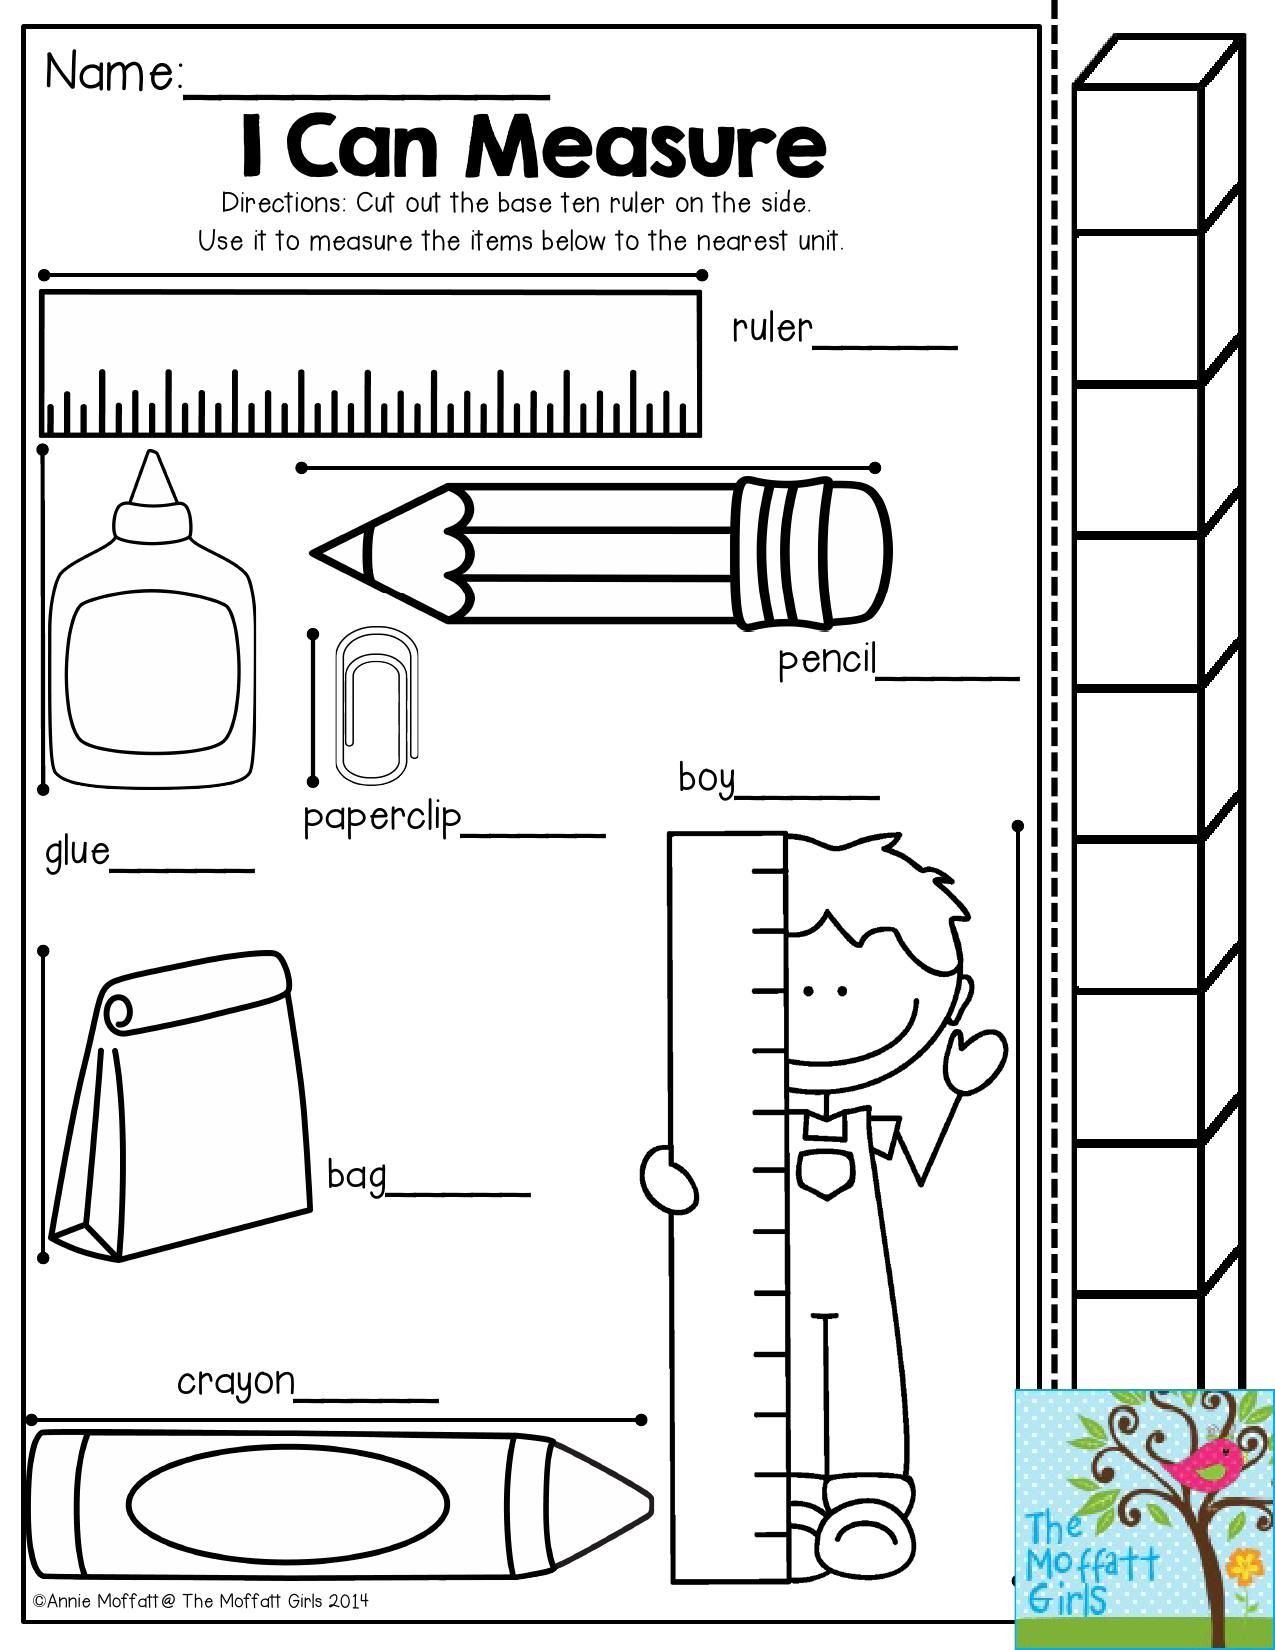 Reading A Ruler Worksheet Pdf Math Worksheet 2nd Grade Measurement Worksheets Pdf